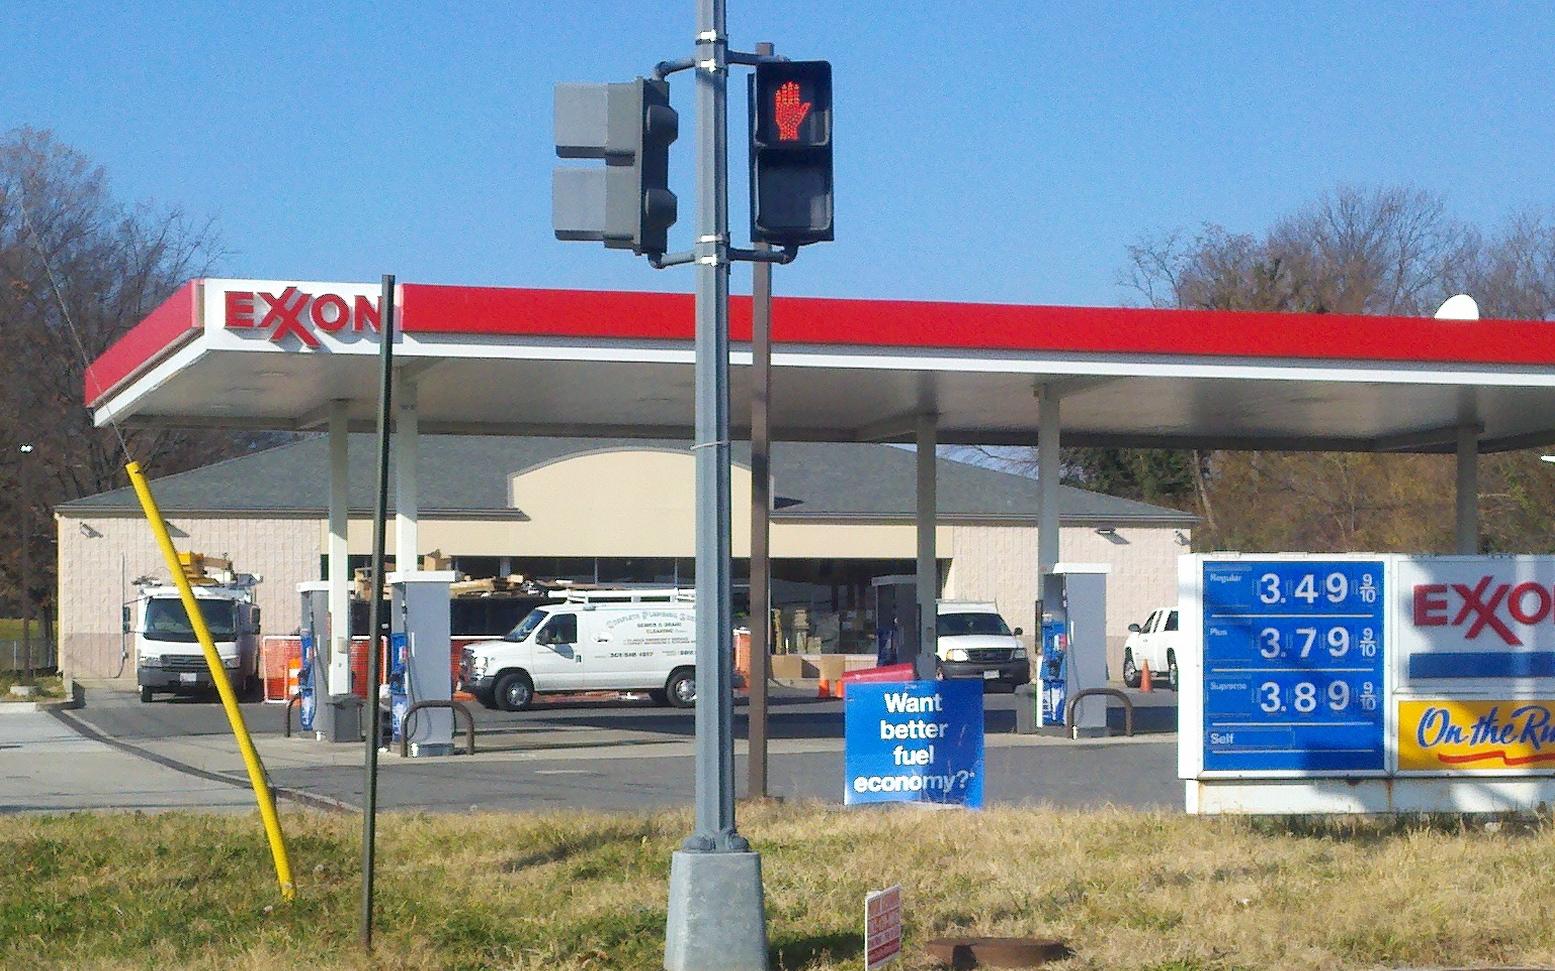 Exxon 7 Eleven